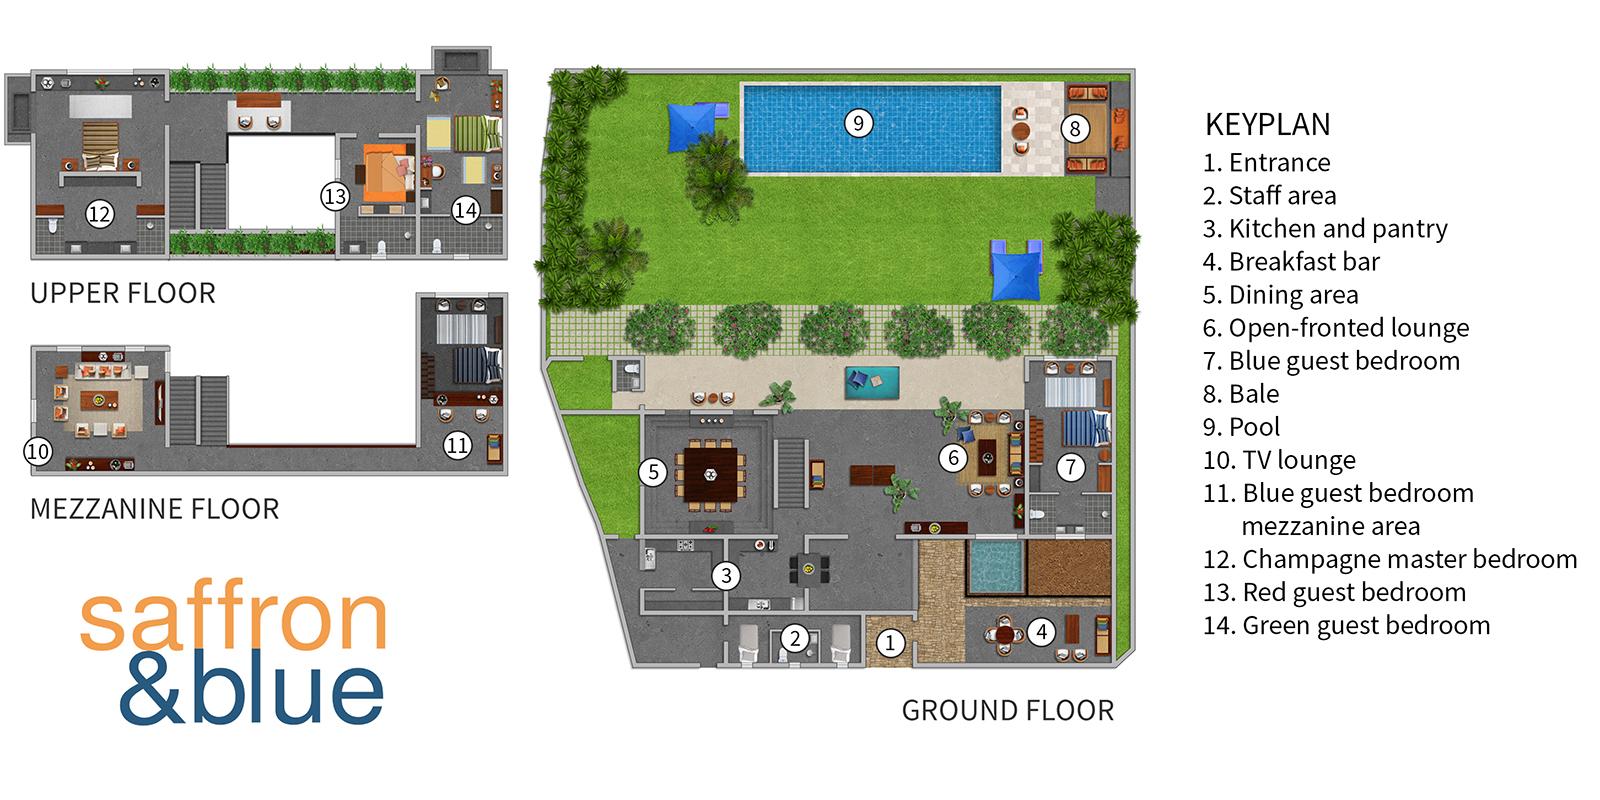 Saffron & Blue Floor Plan   Kosgoda, Sri Lanka